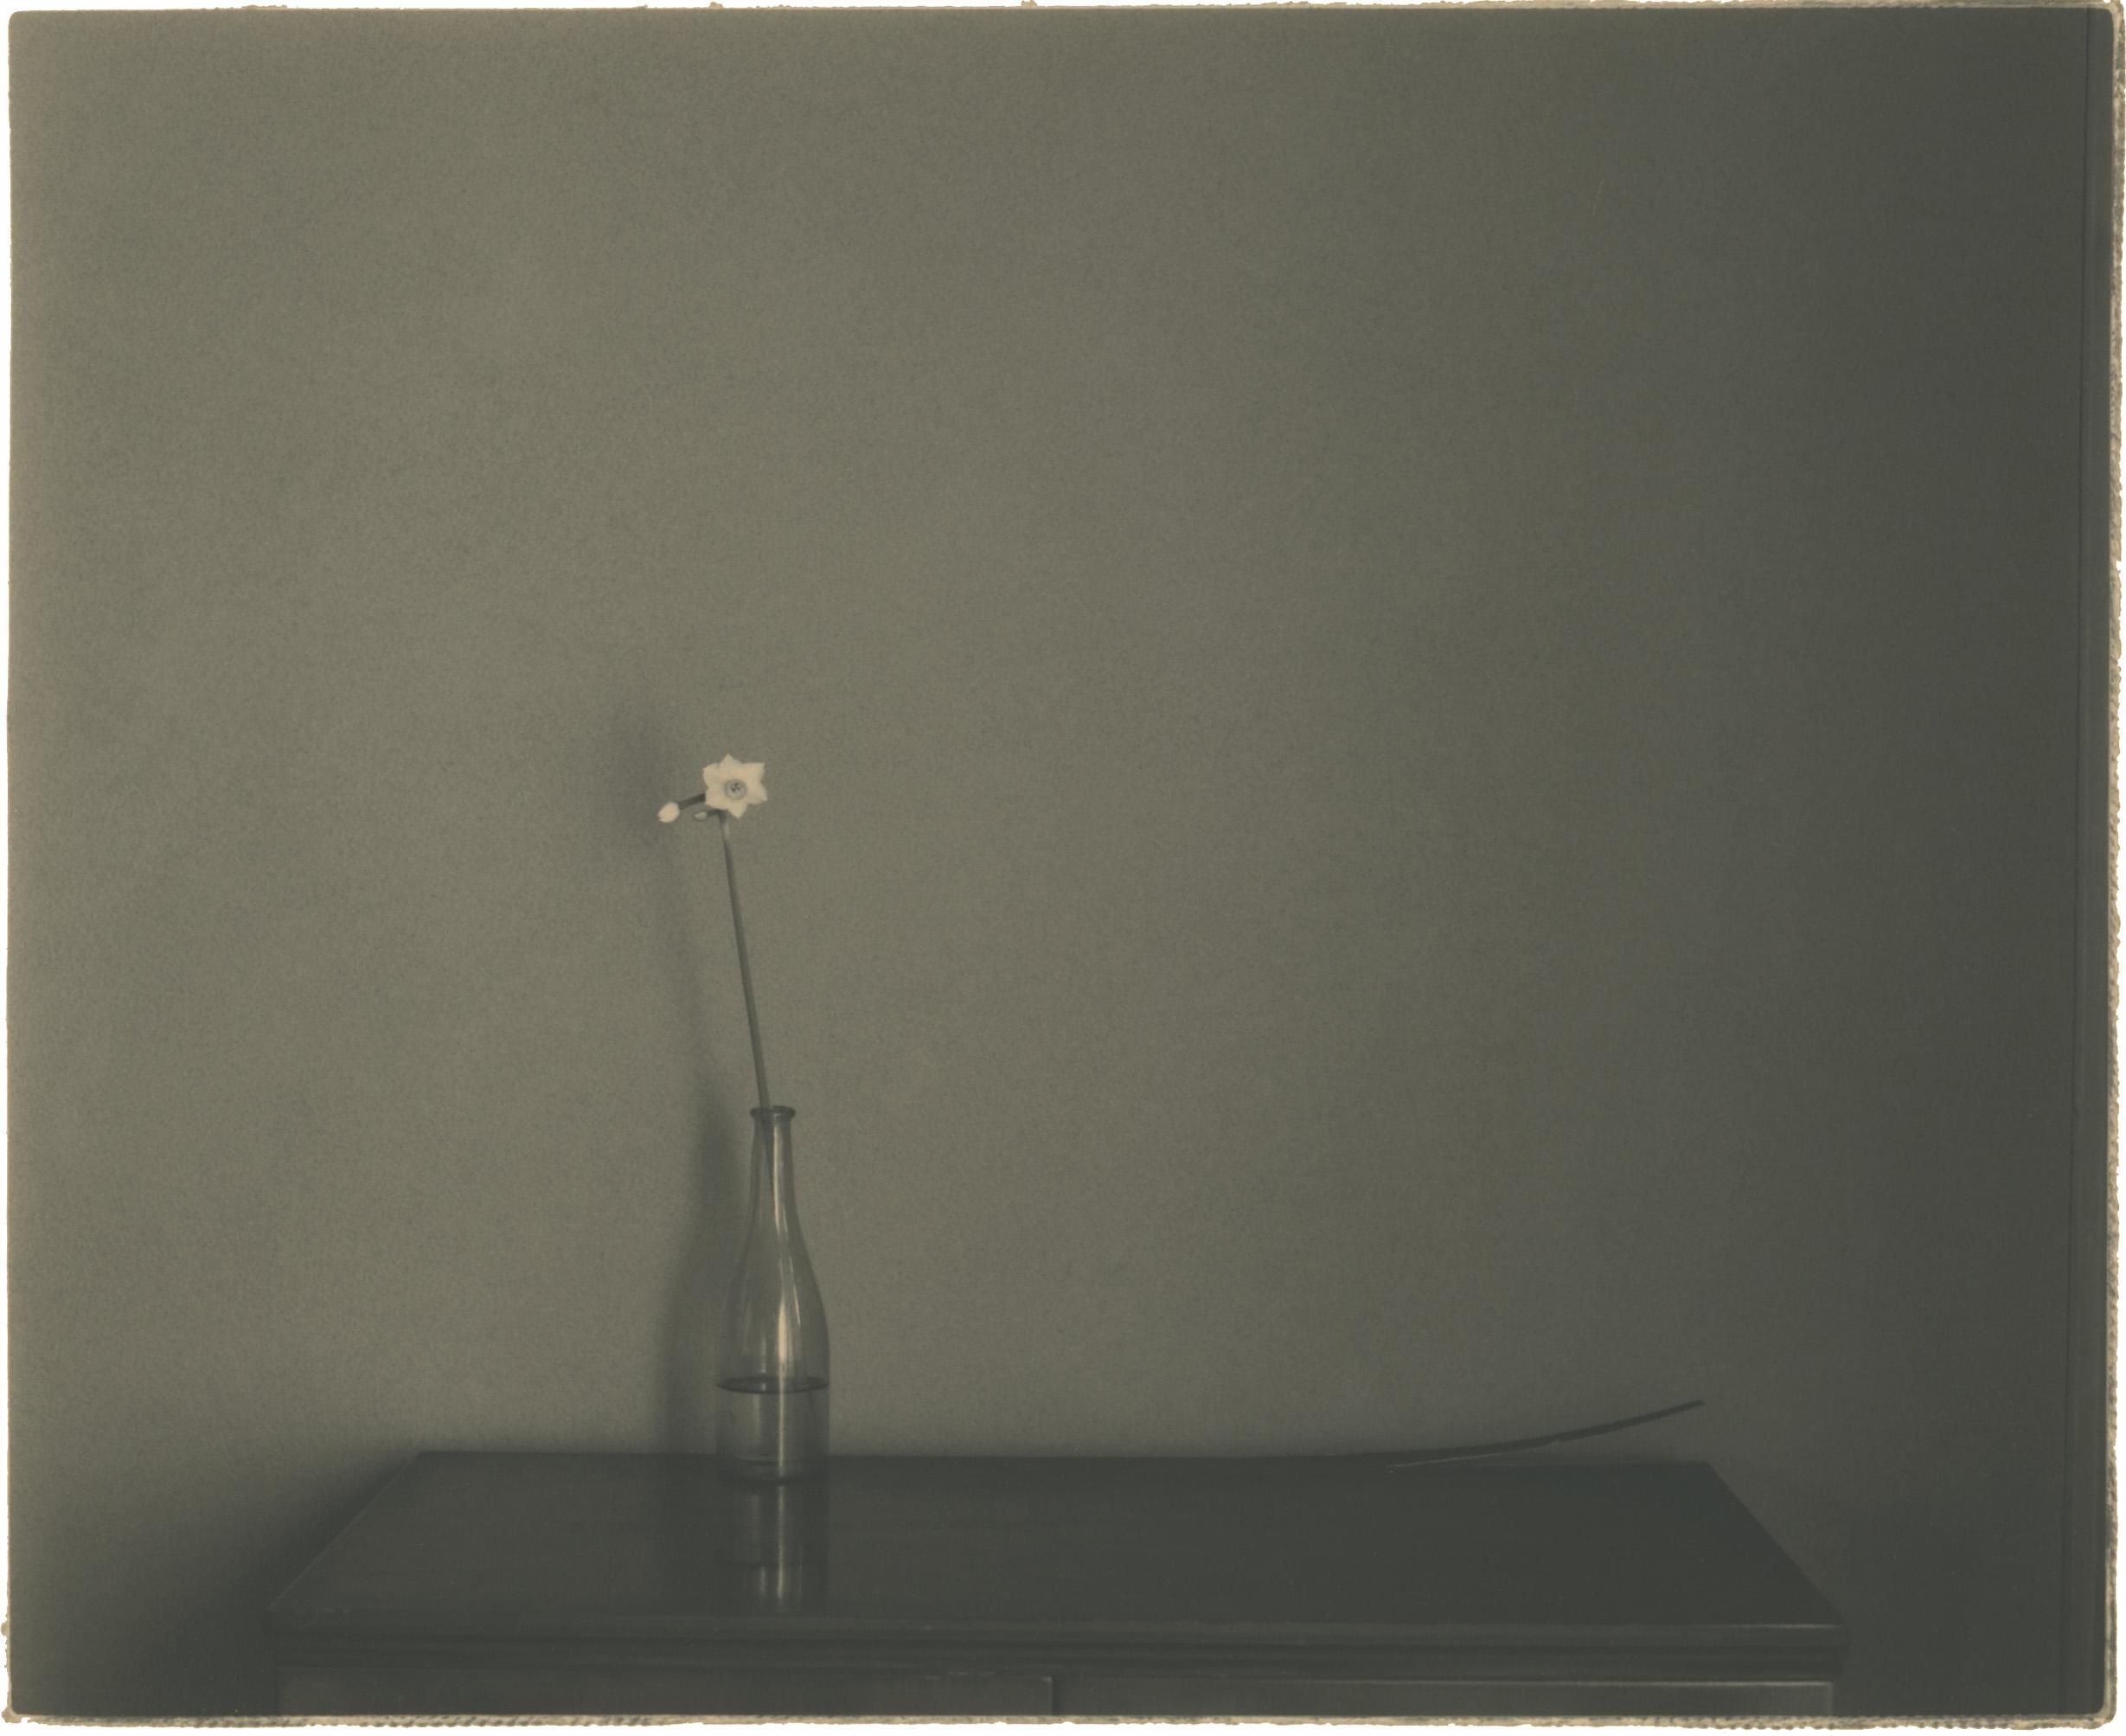 Masao Yamamoto -